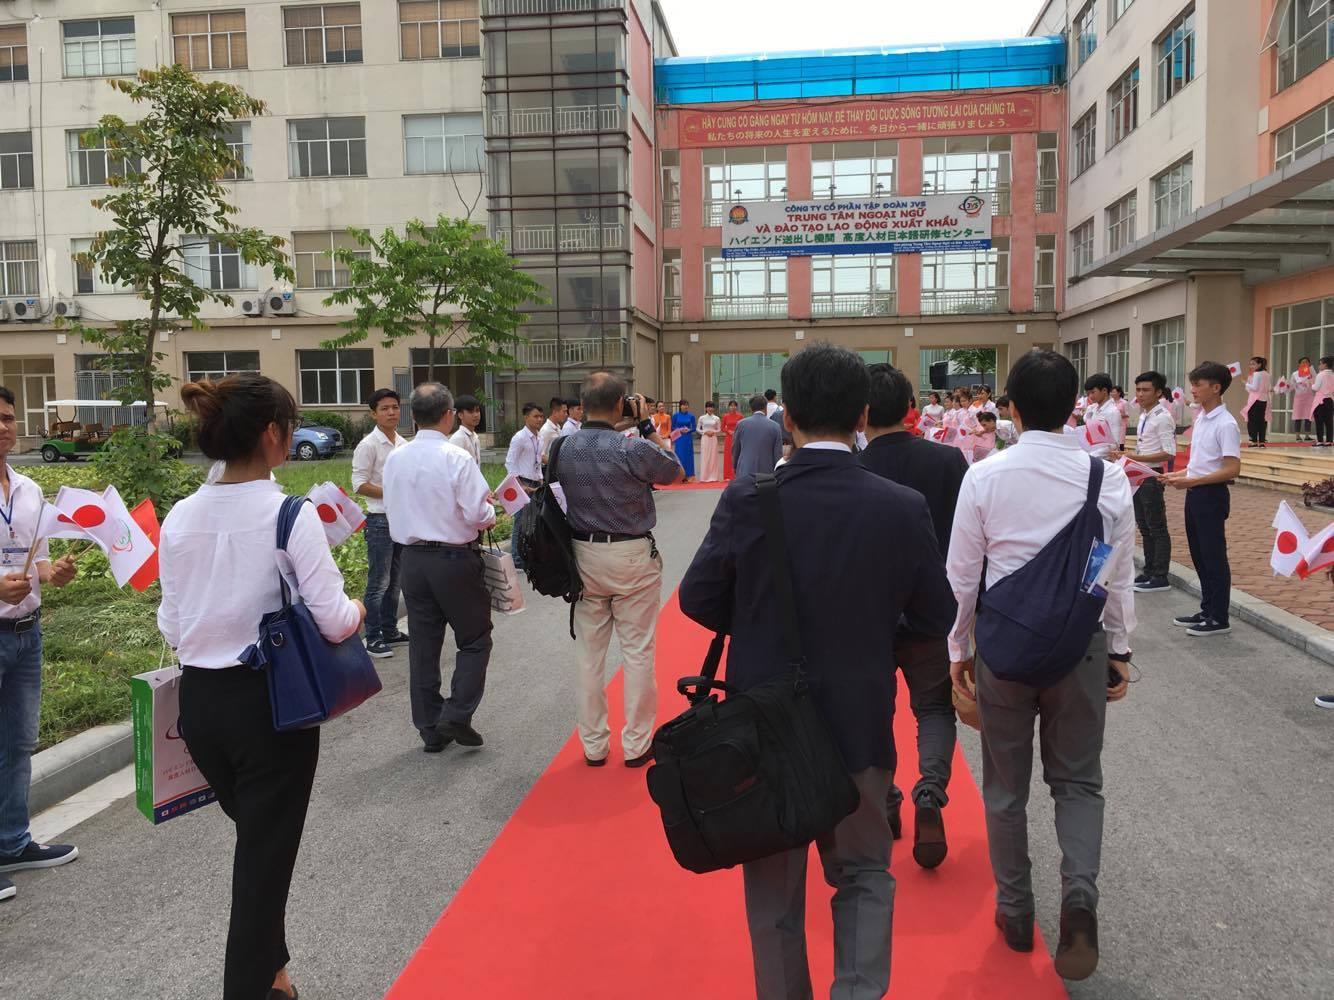 【7月勉強会】 福祉分野で起業すること 「ベトナム介護現場 見学ツアー報告会」